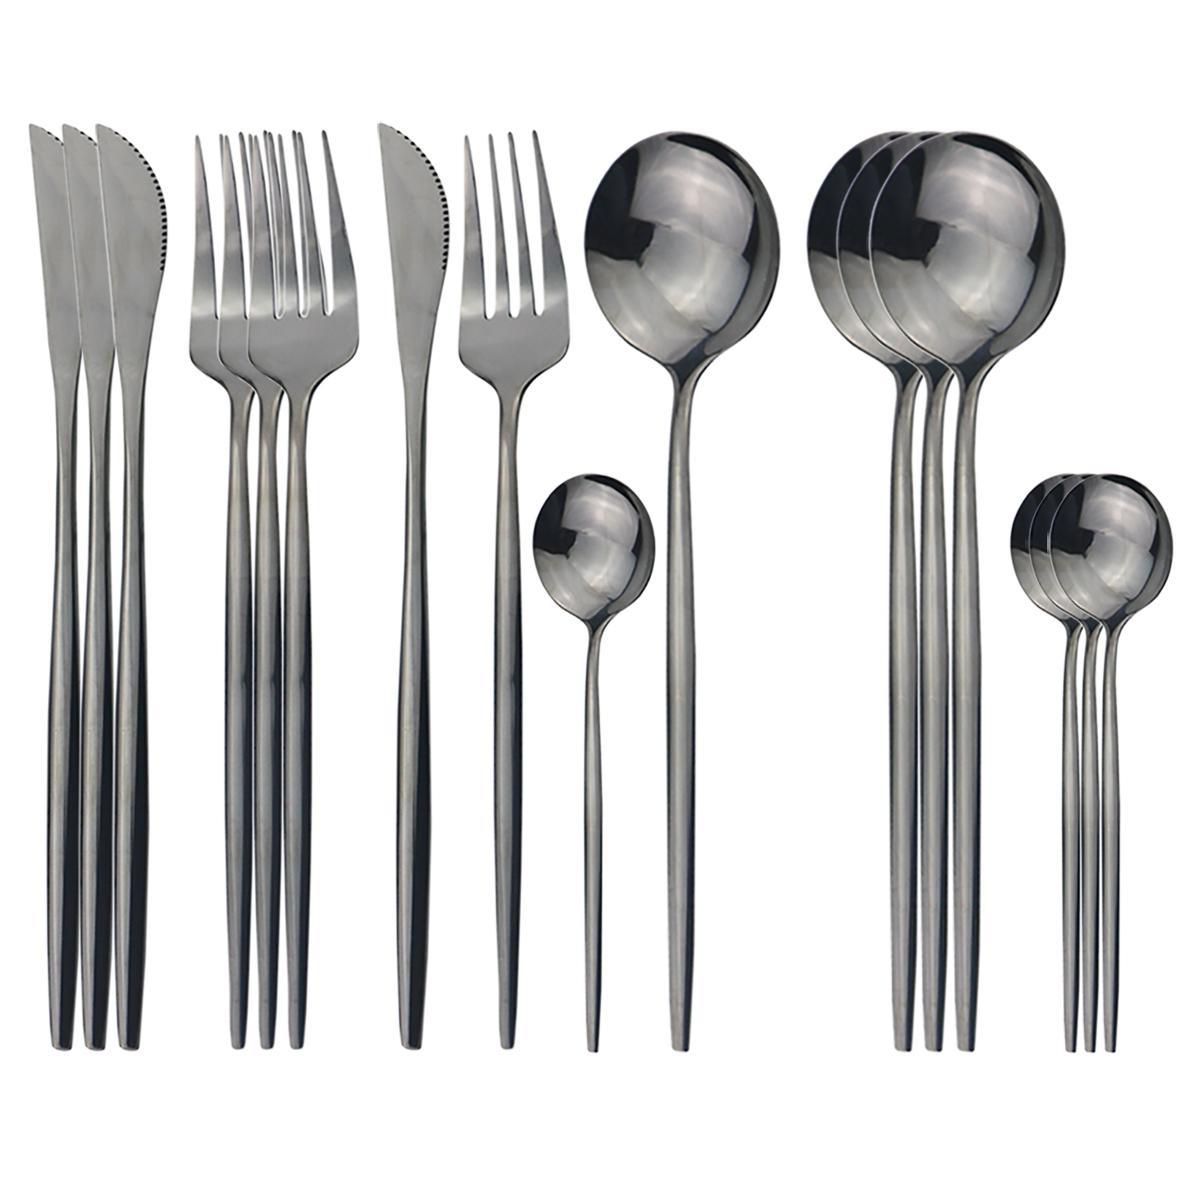 16pcs / Ensemble de vaisselle Ensemble de couverts noirs Ensemble de couverts en acier inoxydable 304 couteaux de couverture de fourchette cuillère cuillère coiffe de cuisine de cuisine argenterie z1202